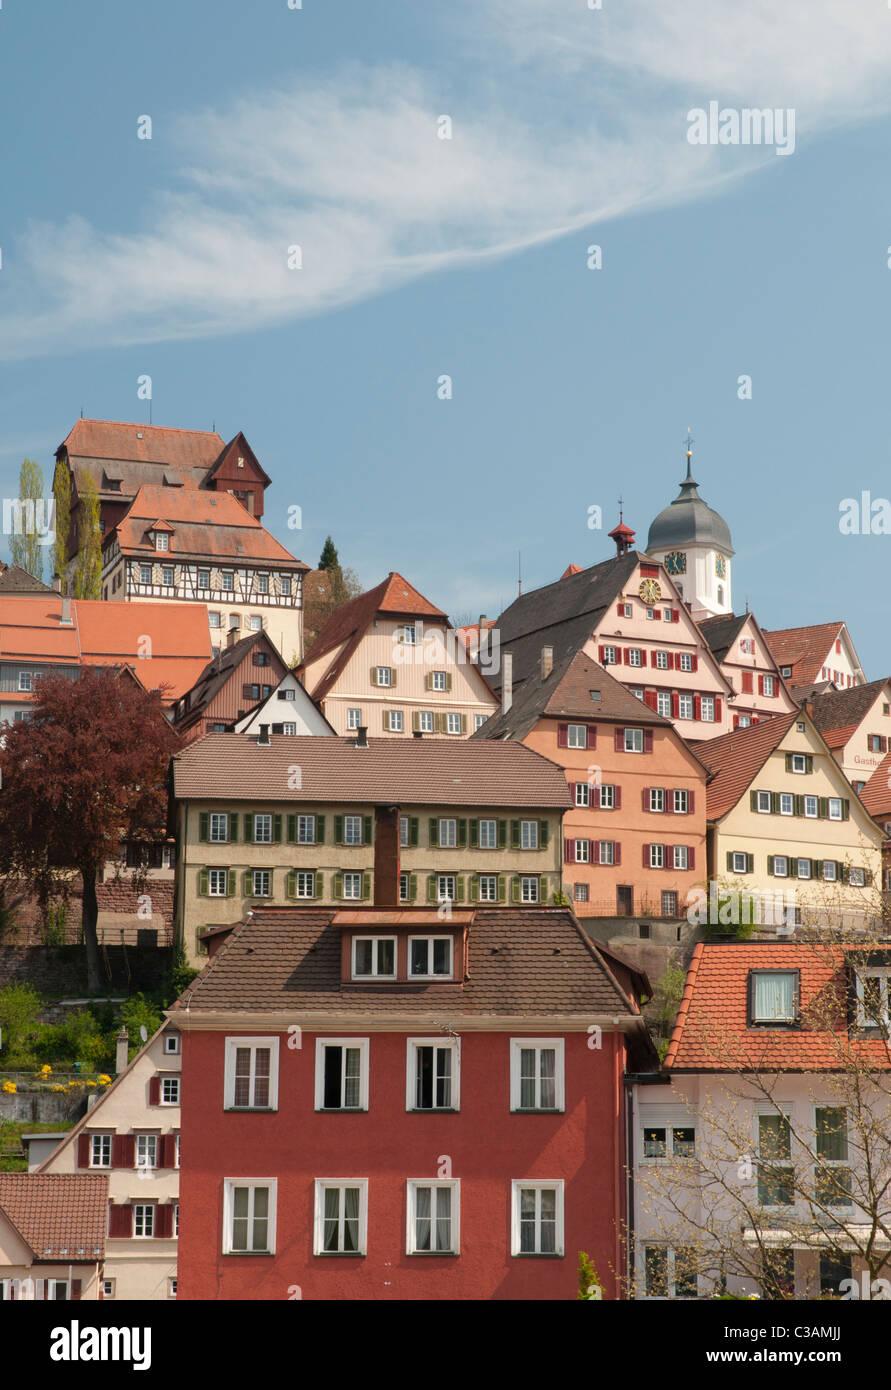 Stadtansicht von Altensteig, Nagoldvalley, Schwarzwald, Baden-Württemberg, Deutschland Stockbild